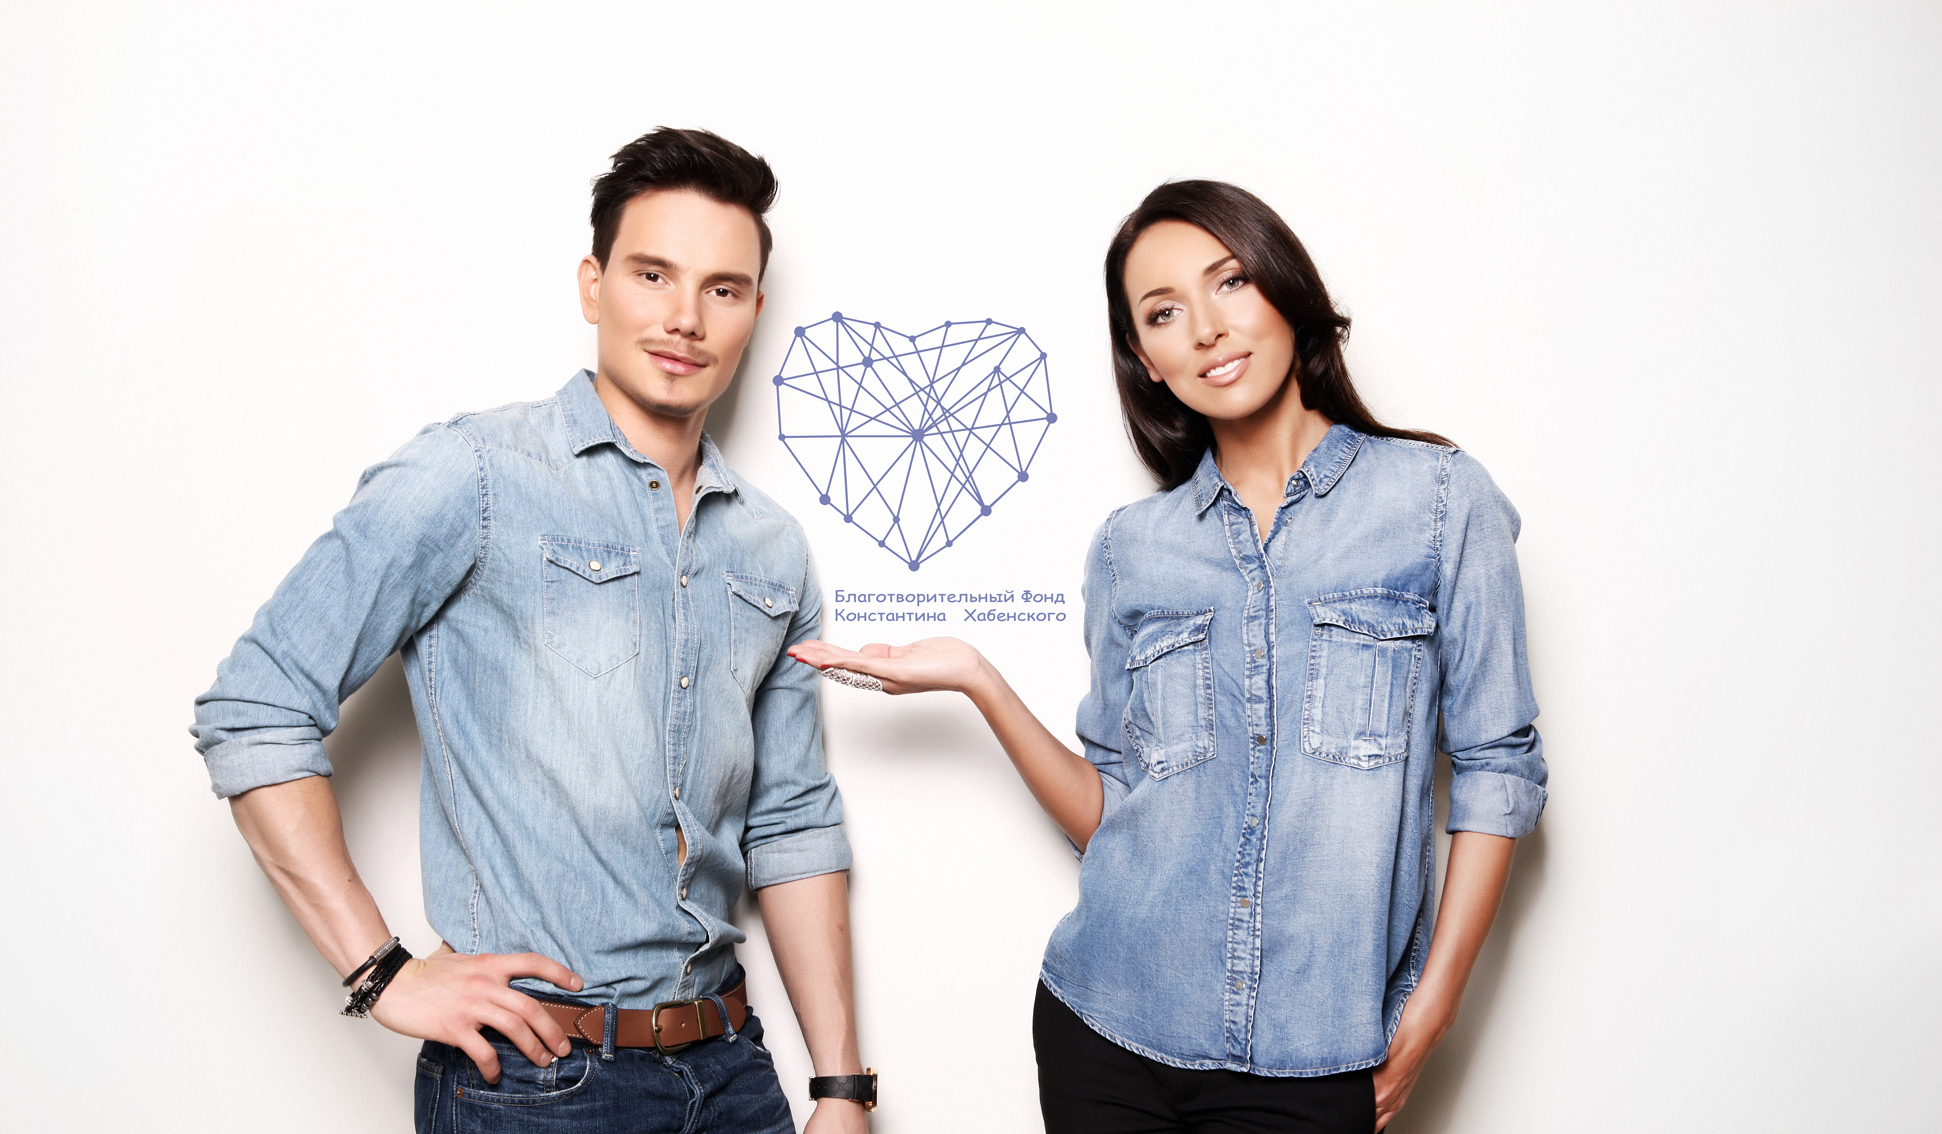 Певица Алсу и молодой исполнитель Noel подарили Благотворительному Фонду Константина Хабенского свою новую композицию «Любовь»